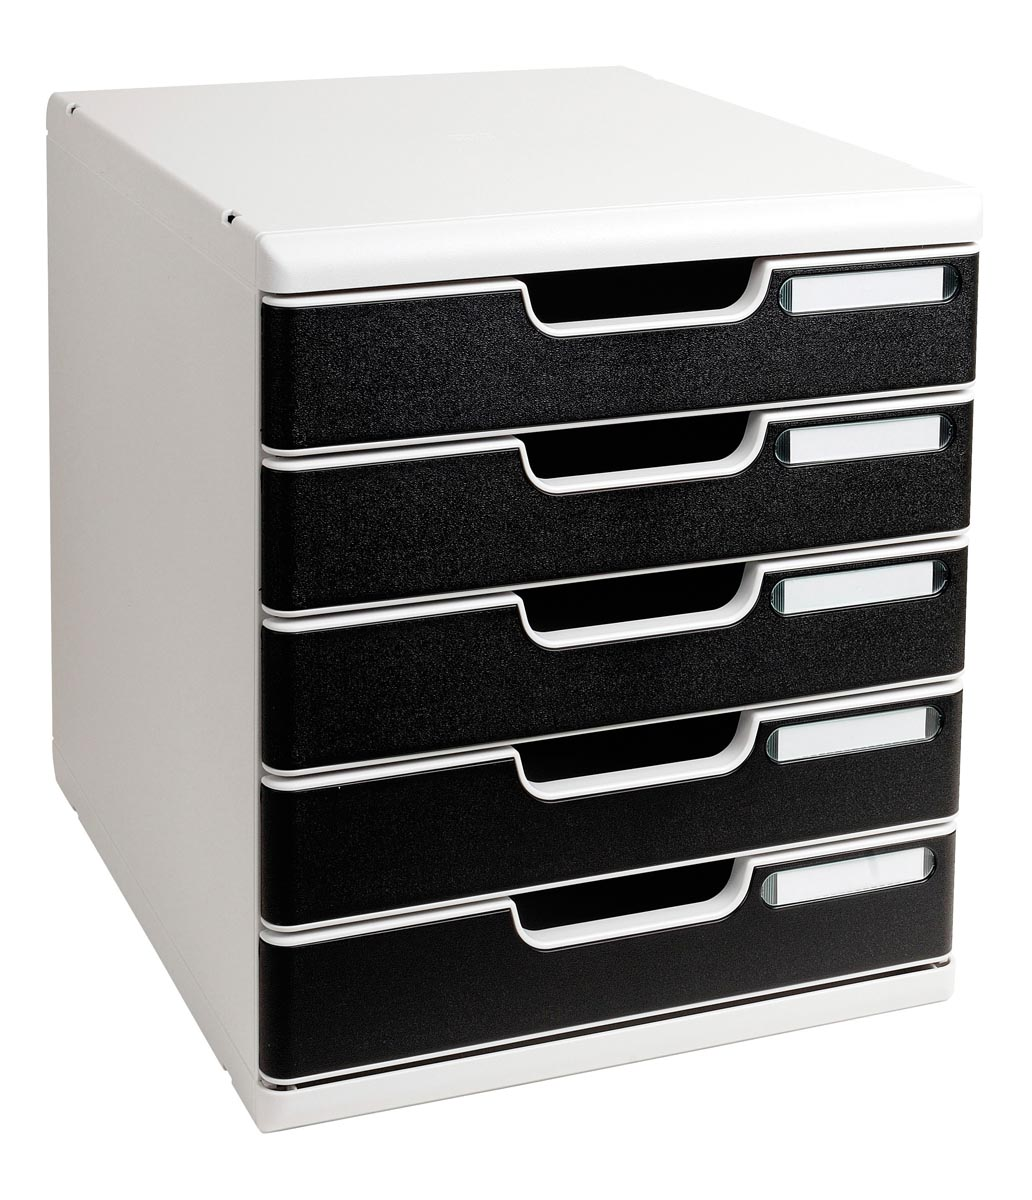 Multiform Ladenblokken Zwart-Grijs A4 35 x 28 8 x 32 cm Stuks